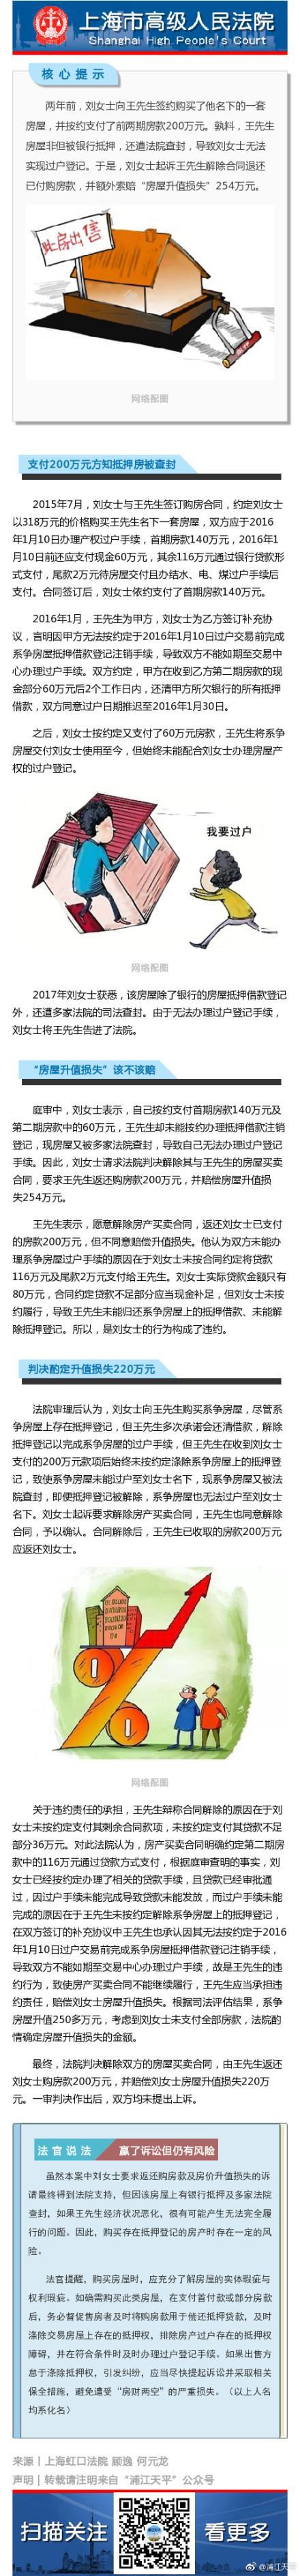 上海女子买到问题抵押房,法院判决赔她220万升值损失费